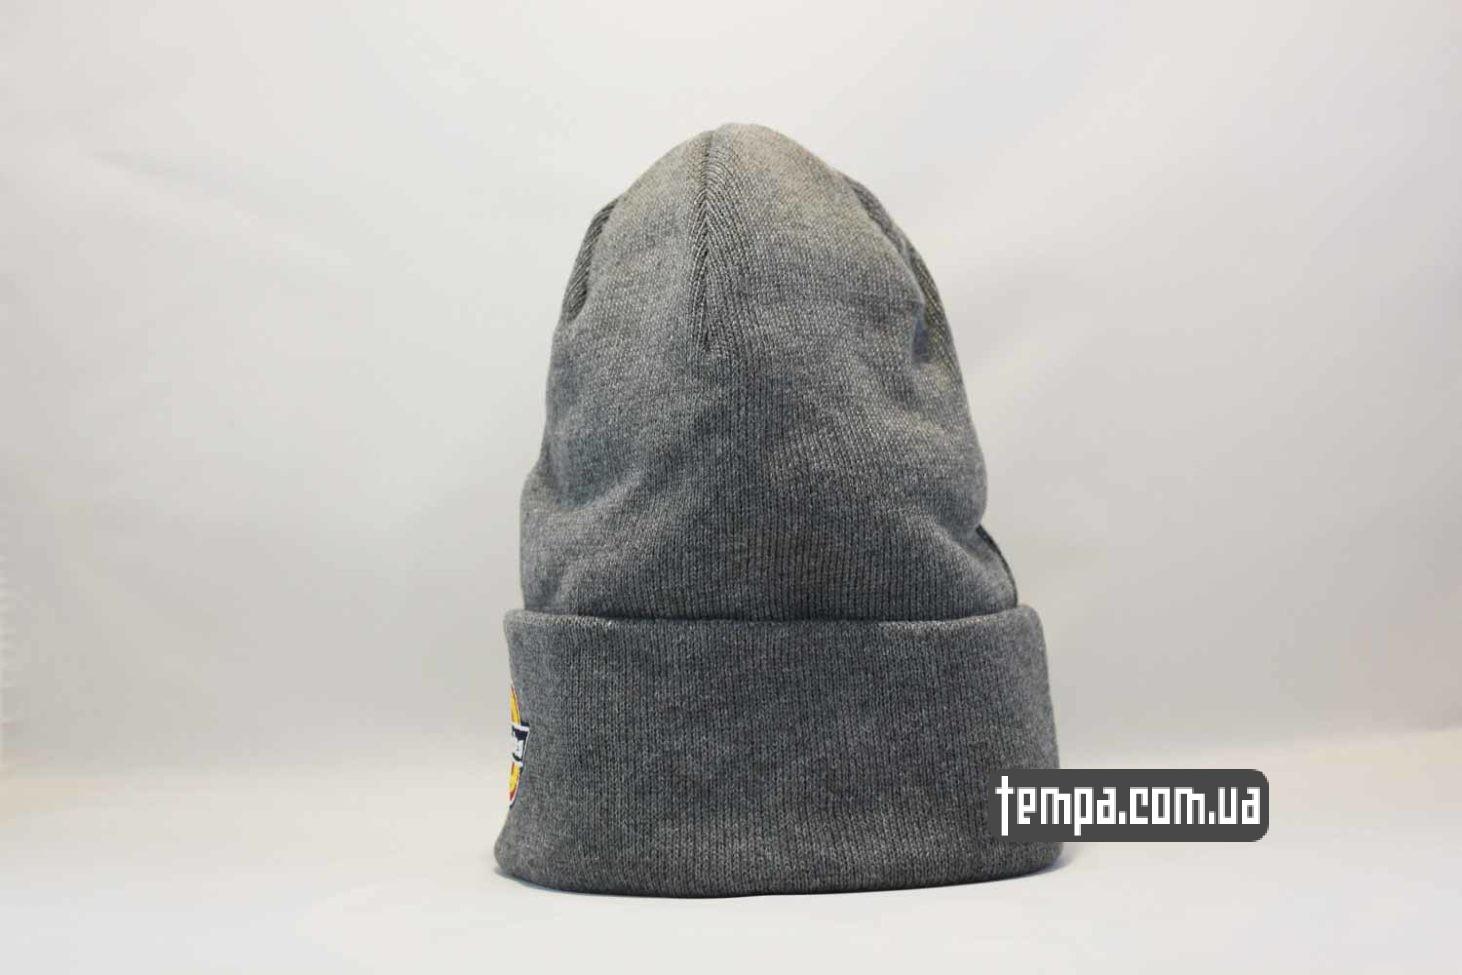 дикис украина шапка beanie Dickies grey серая купить Украина